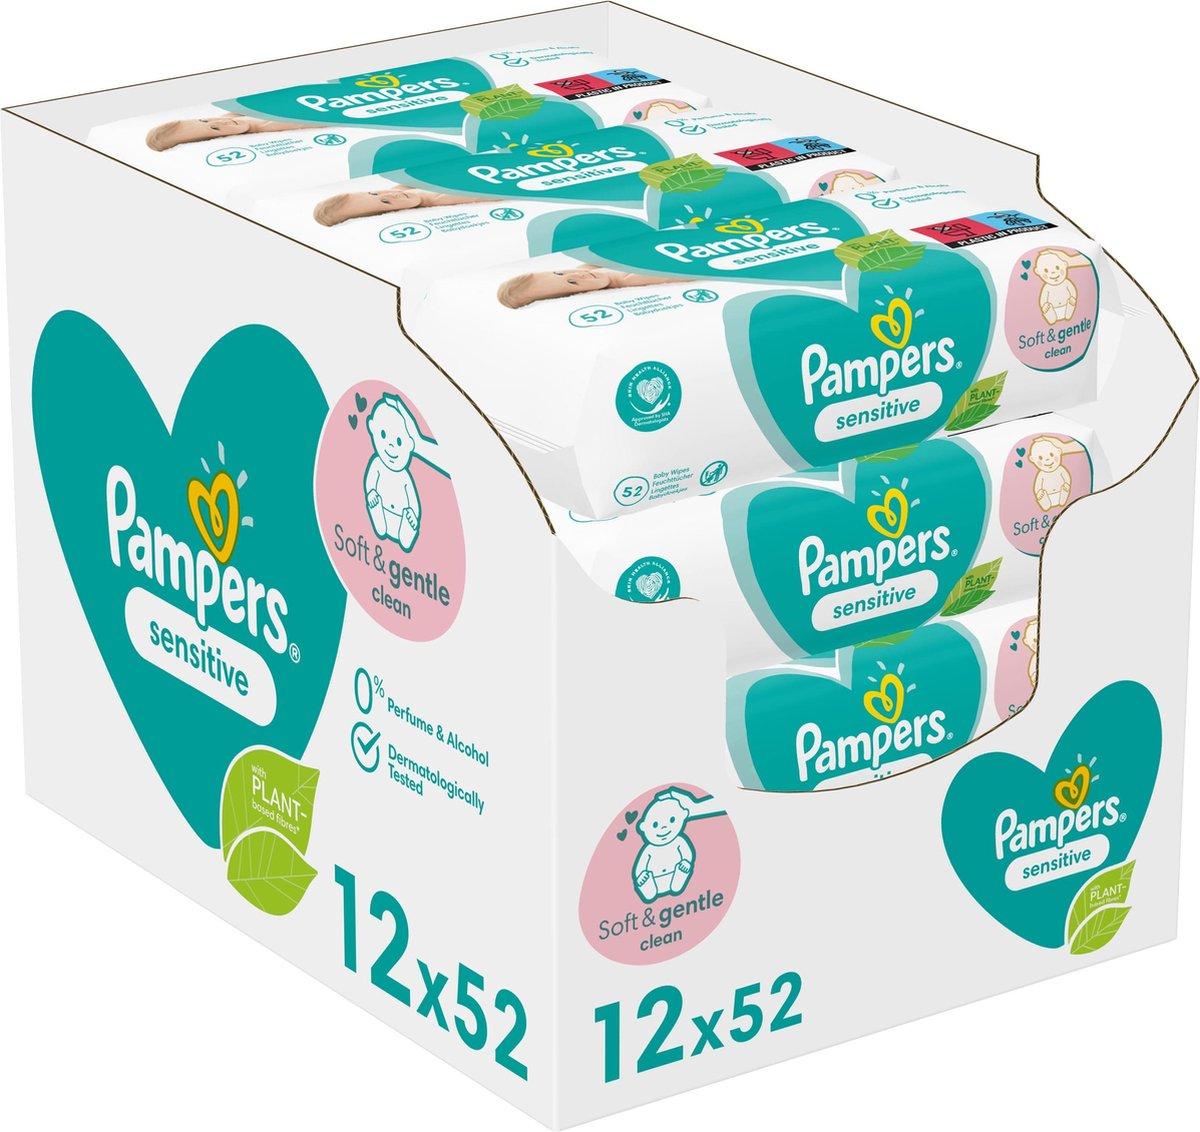 Pampers Sensitive Billendoekjes - 1200 stuks